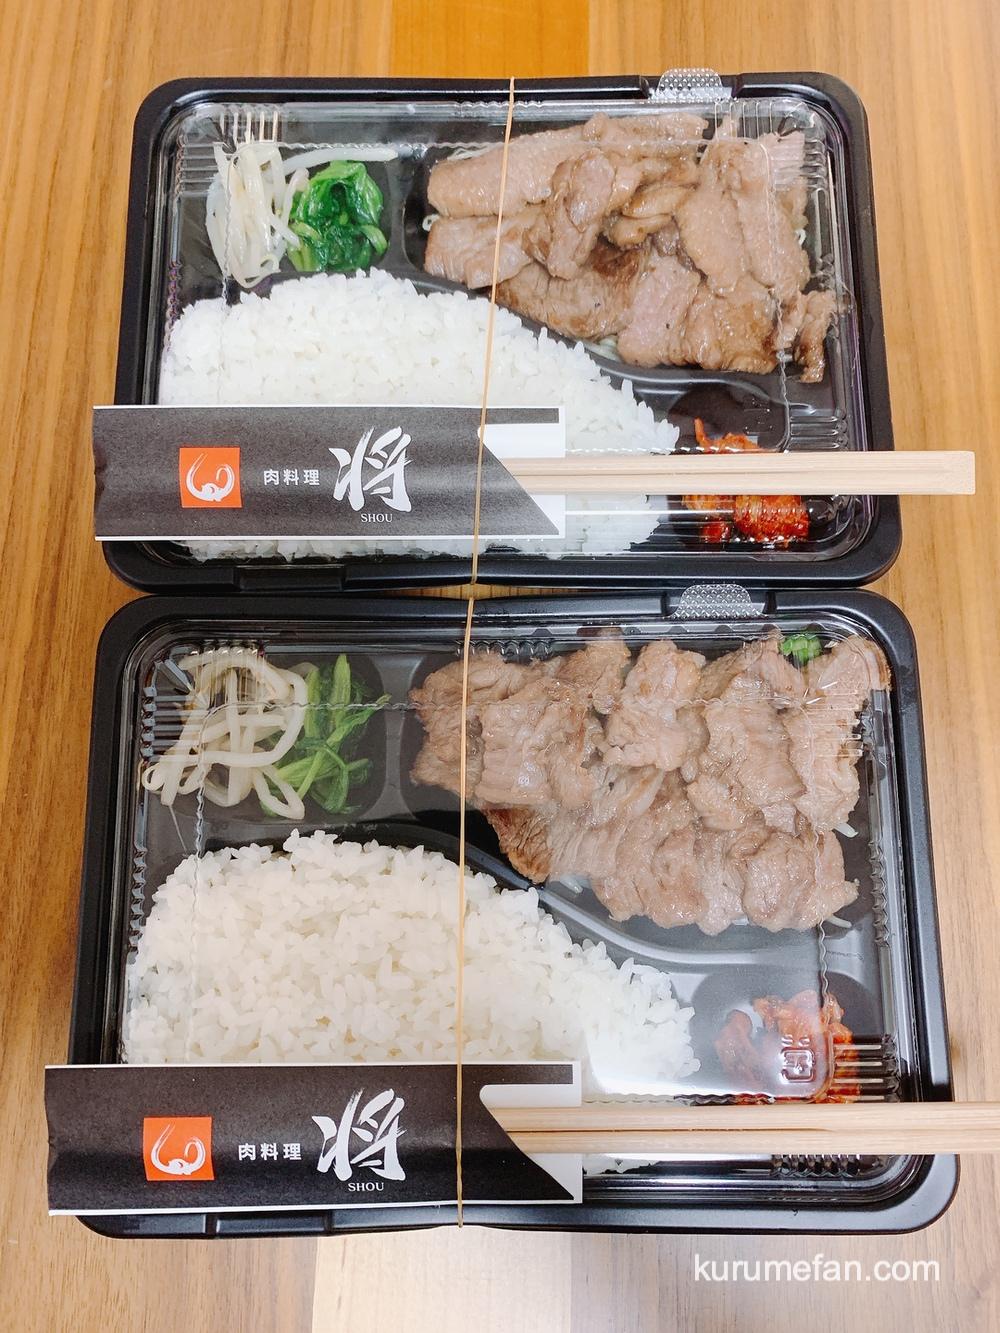 肉料理 将 久留米市 和牛焼肉弁当をテイクアウト